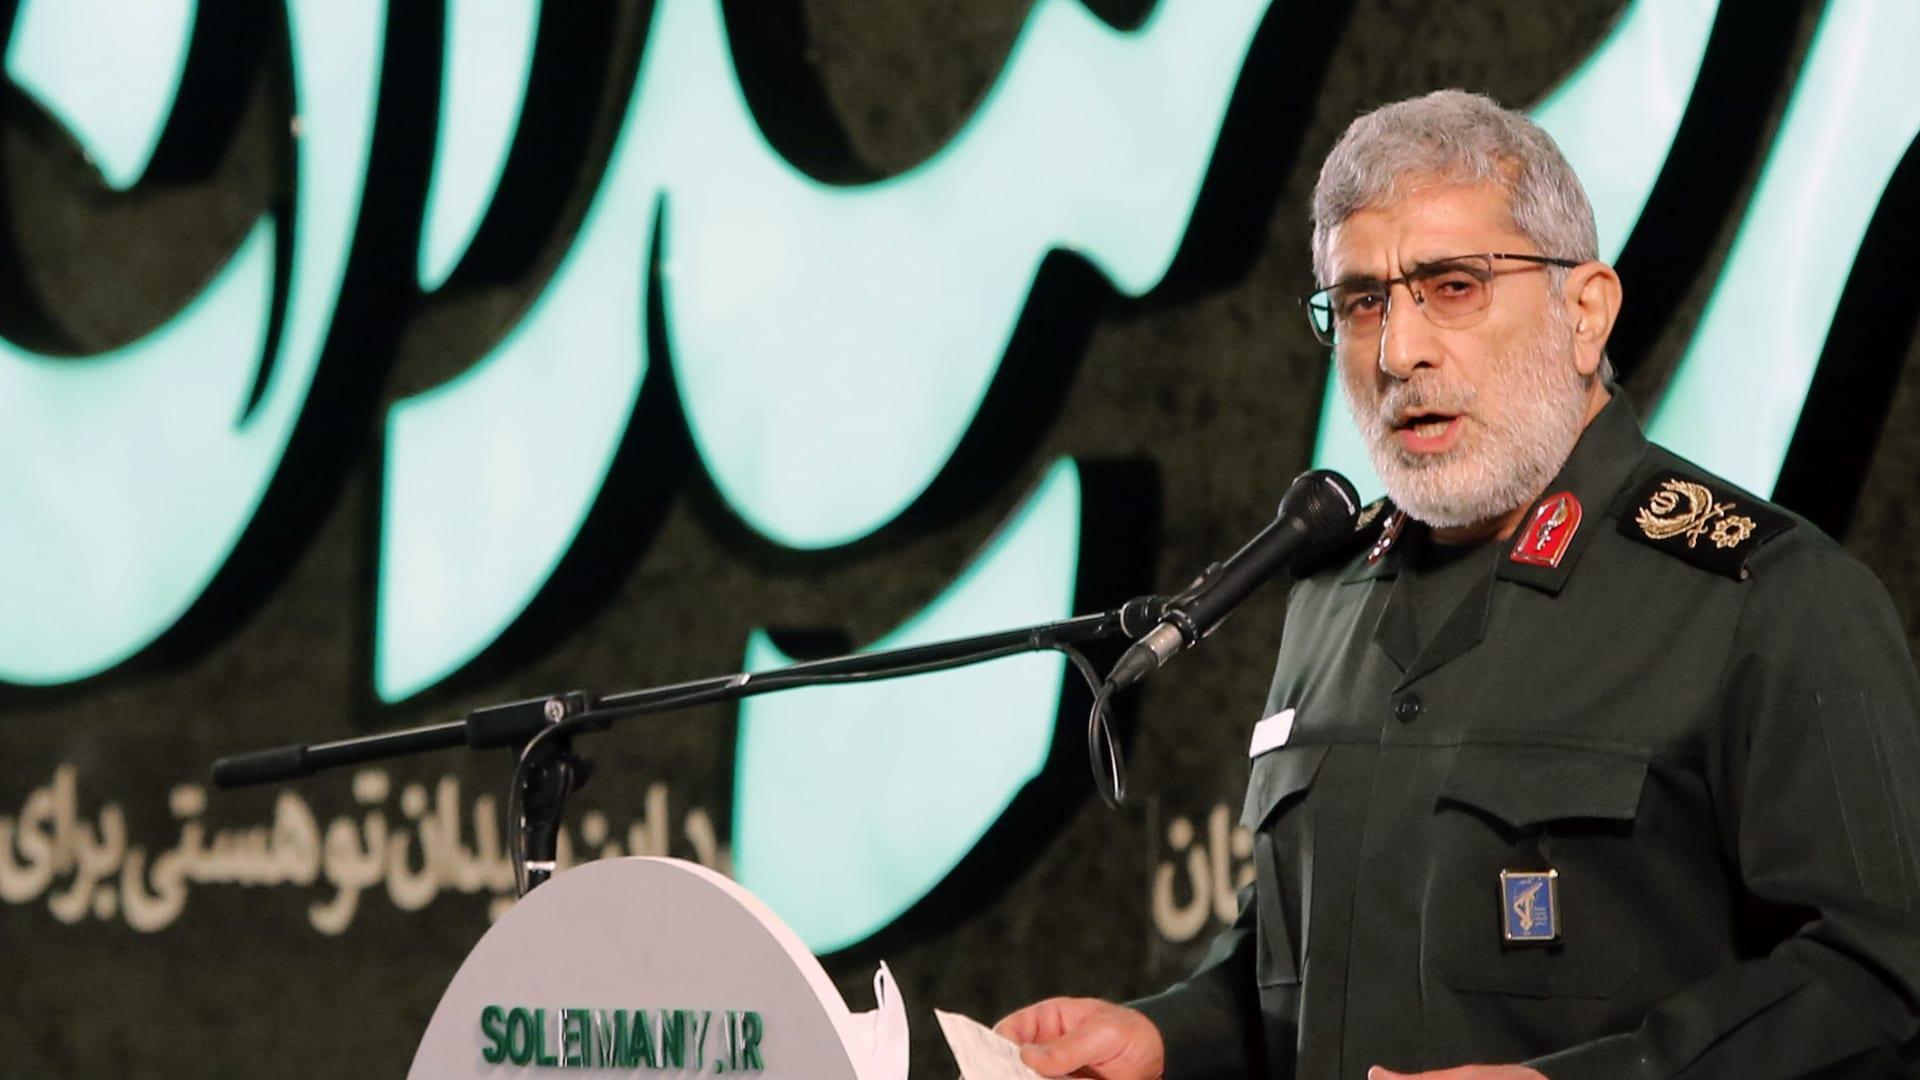 جنرال أمريكي بارز في الشرق الأوسط يوضح أثر مقتل قاسم سليماني على إيران